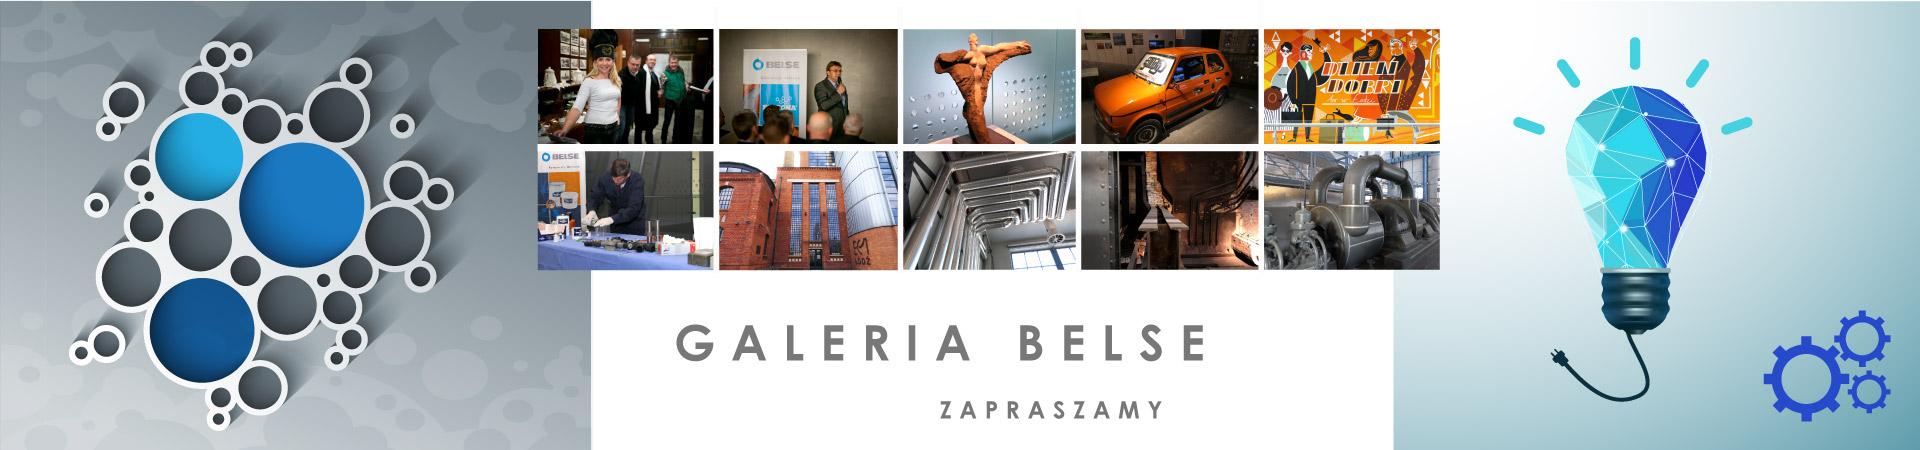 Galeria Belse